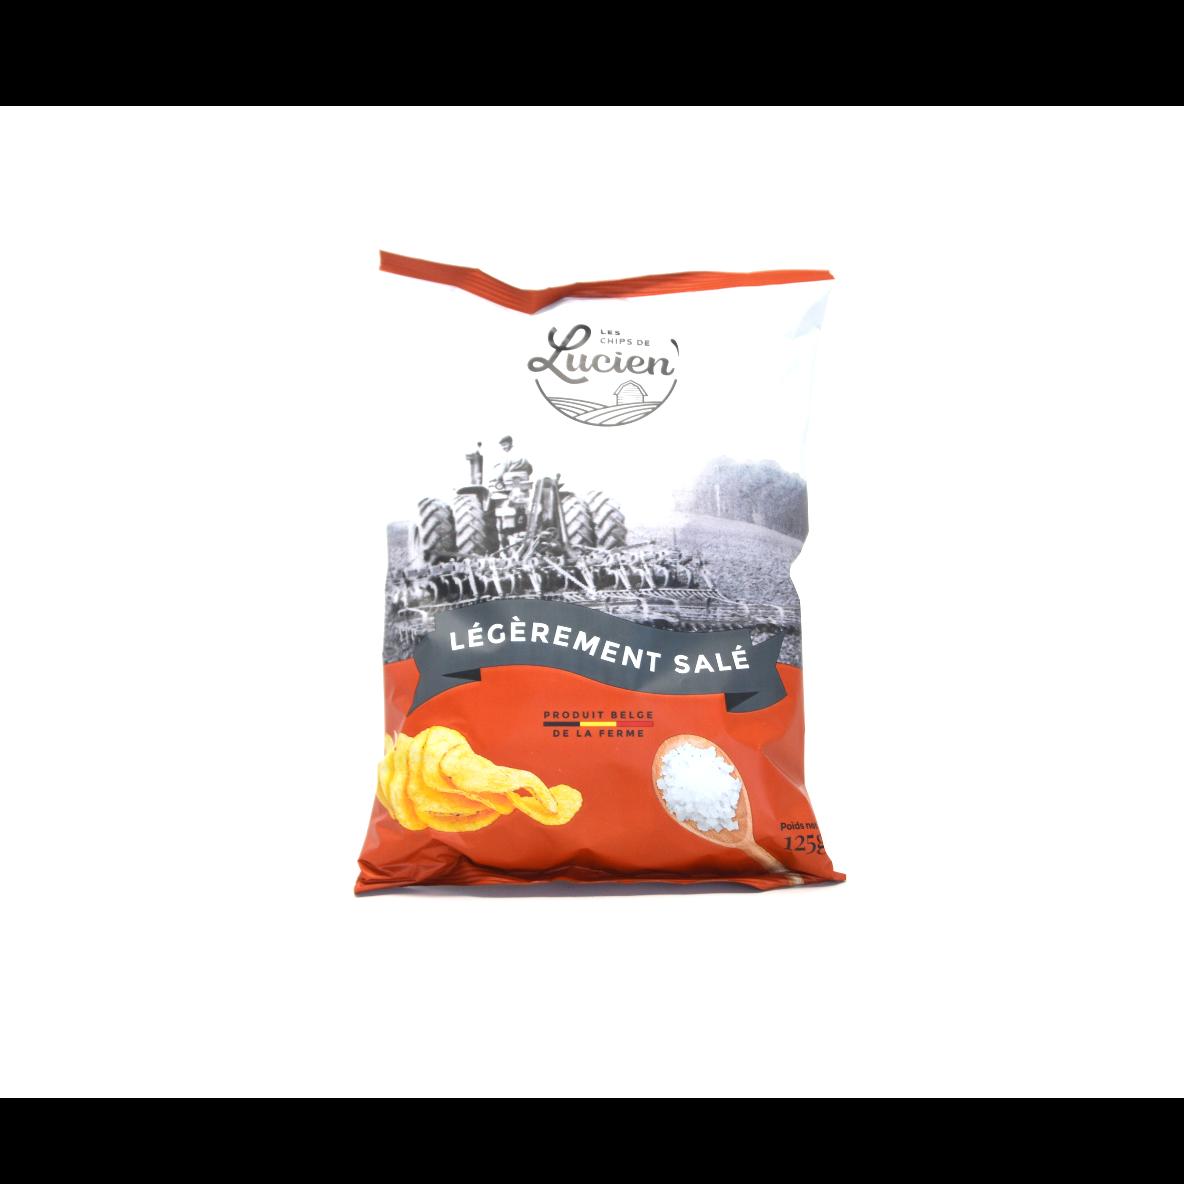 Chips légèrement salé 125g